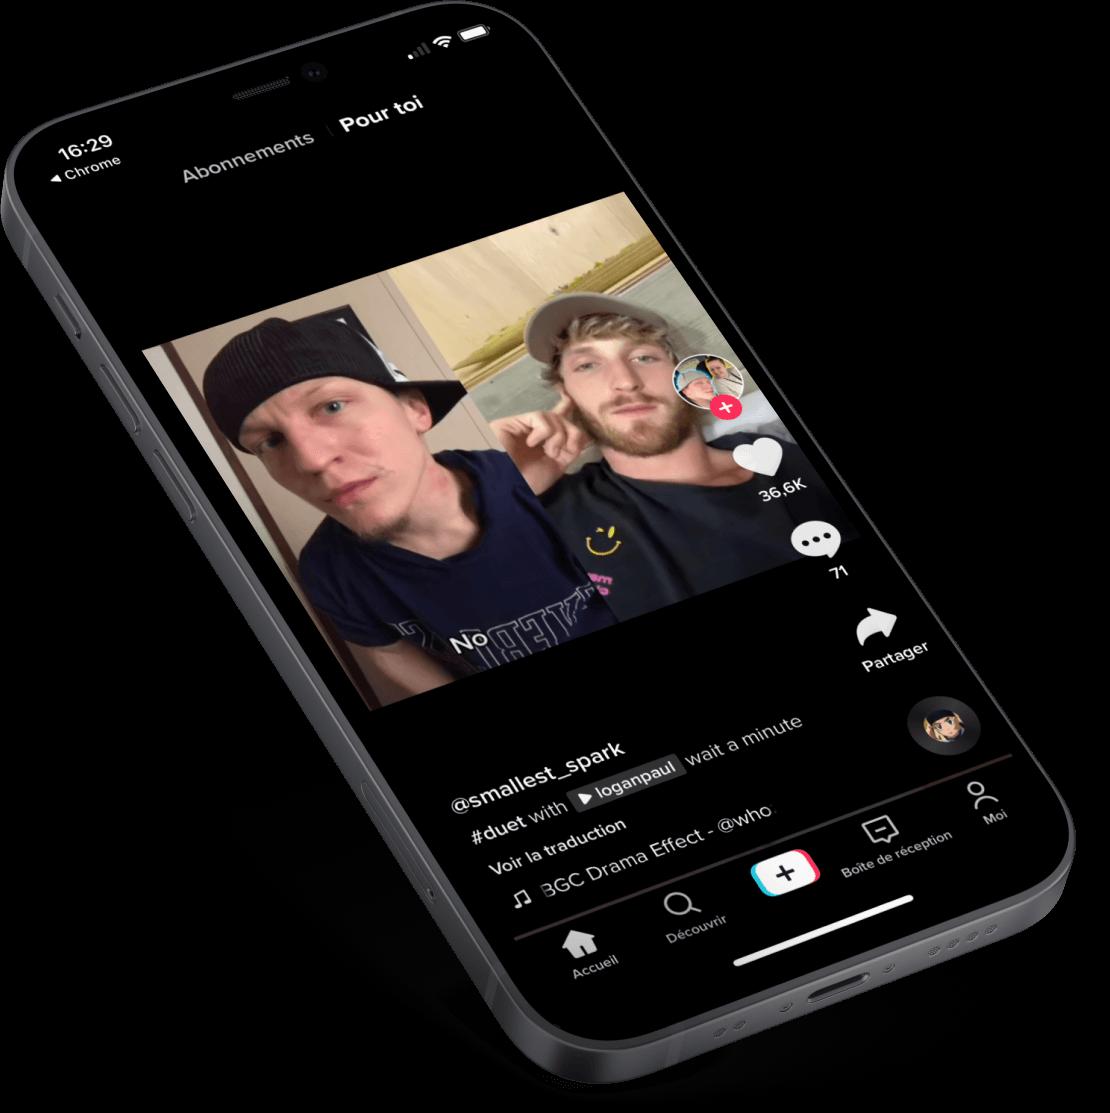 iPhone présentant le concept de Duo Time